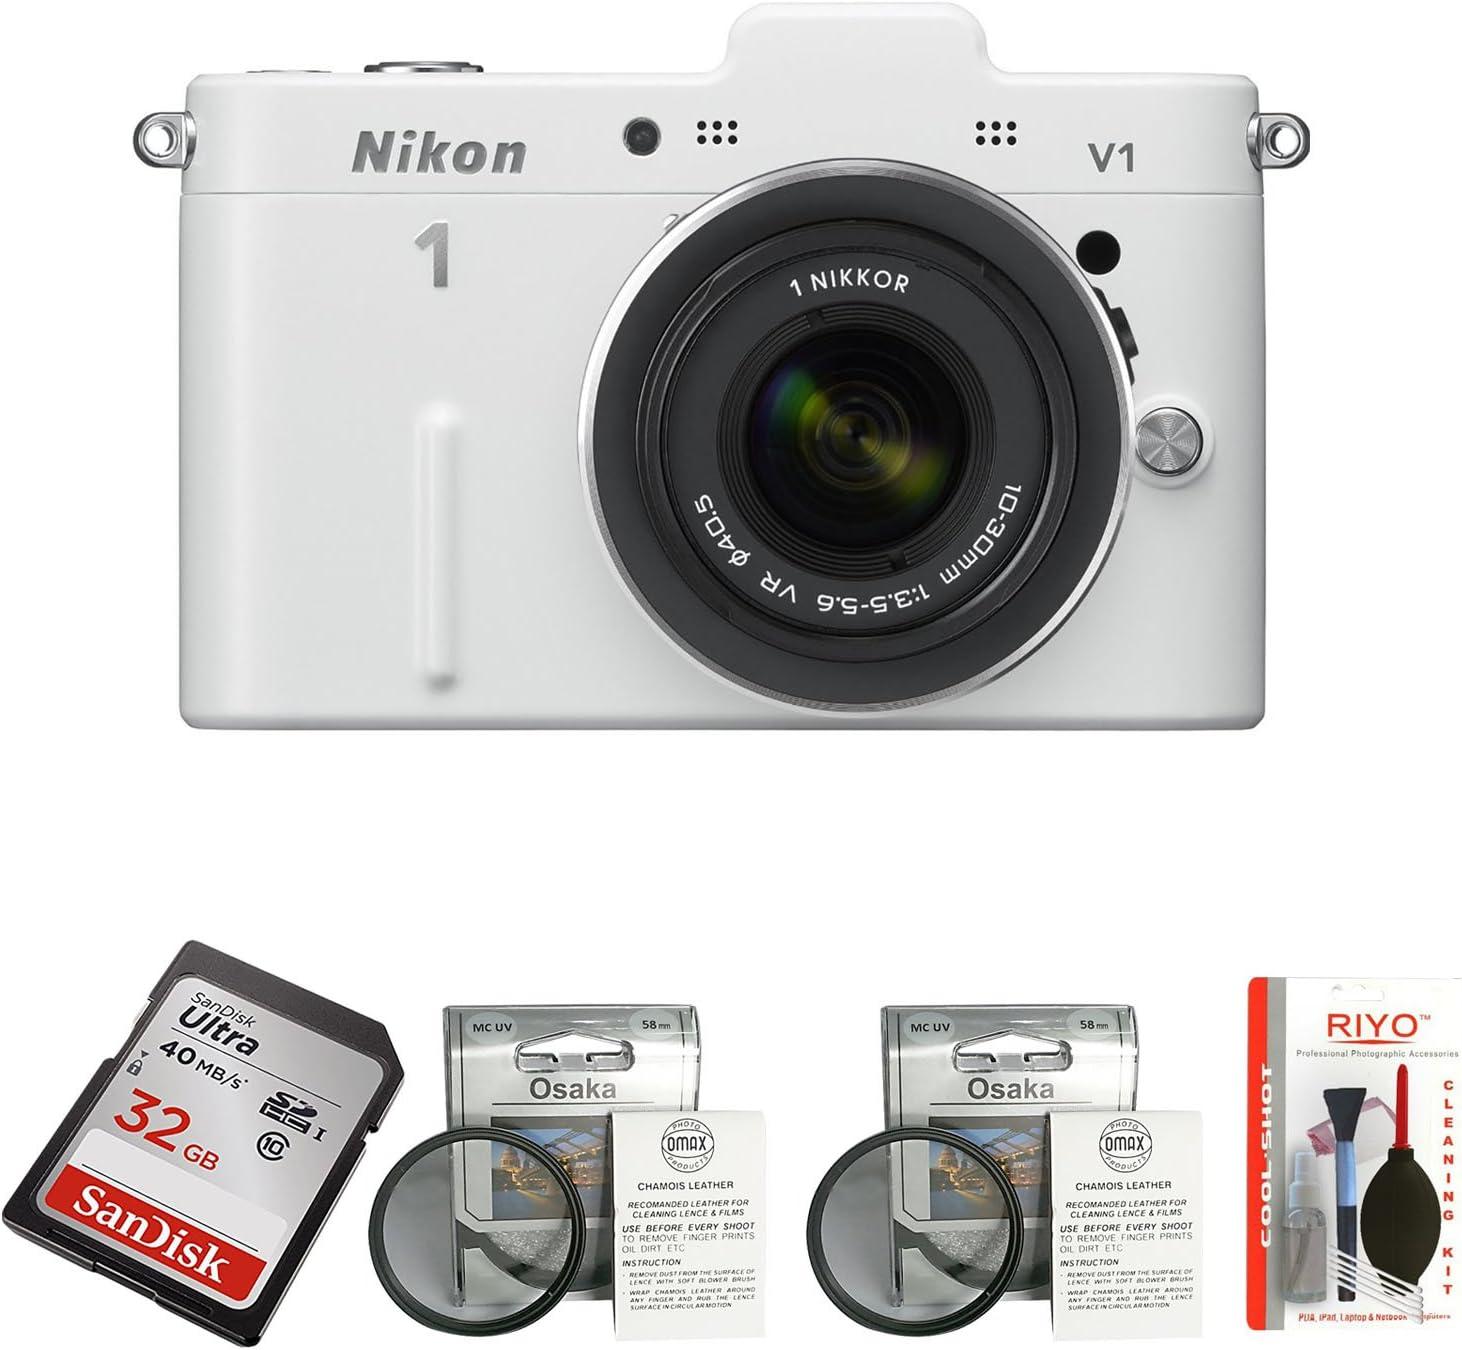 Nikon 1 V1 Systemkamera 3 Zoll Weiß Inkl 1 Nikkor Vr Kamera